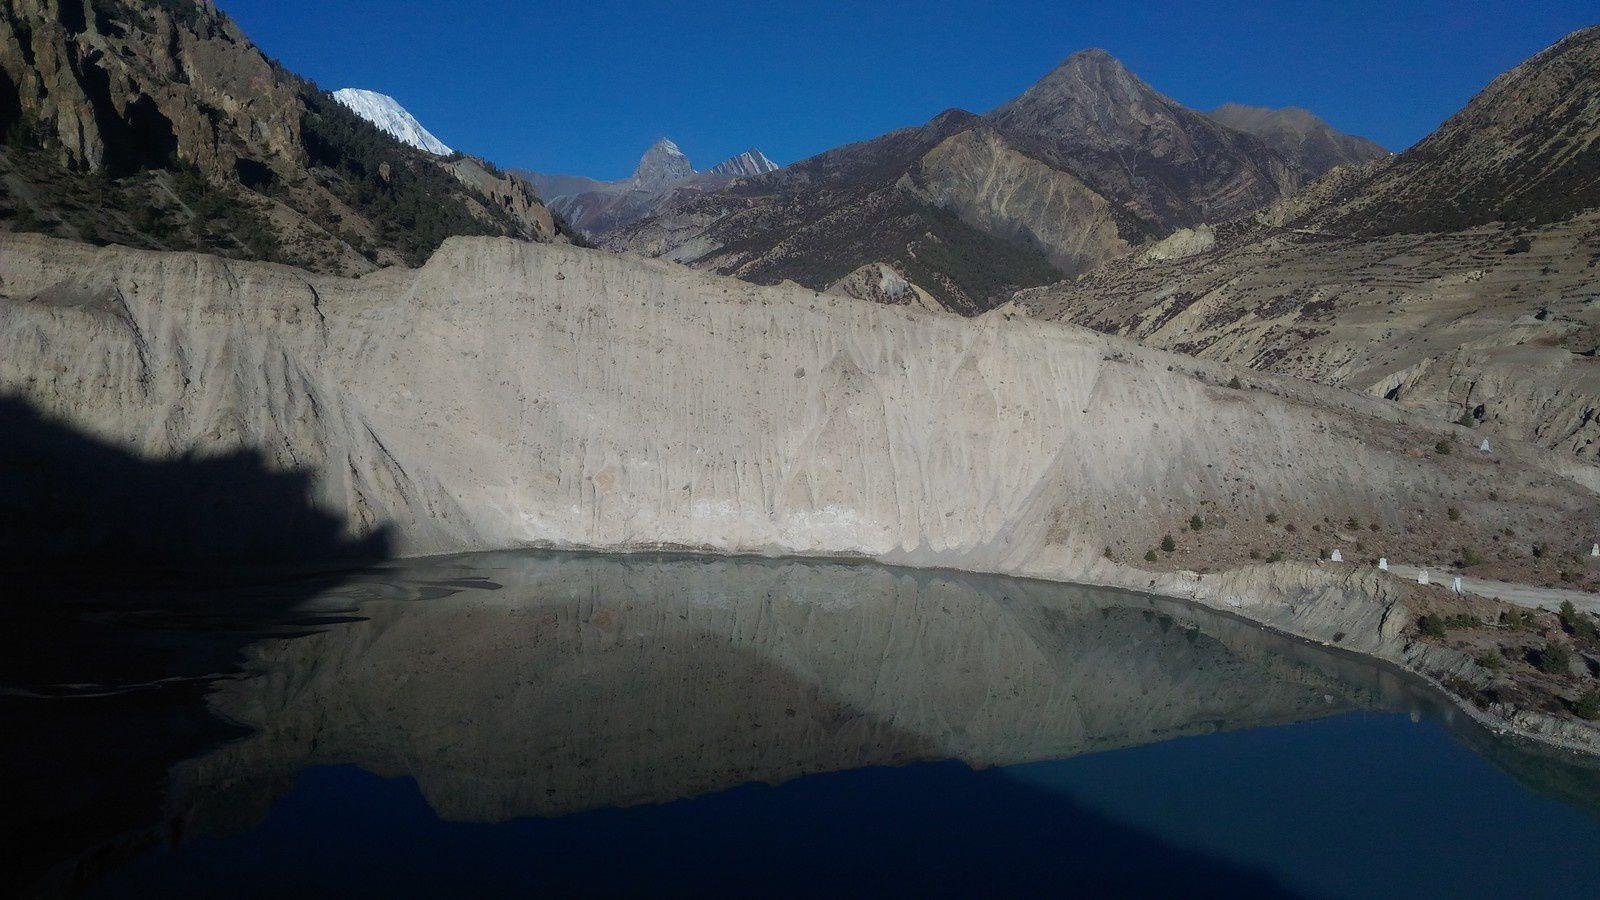 le lac et le glacier Gangapurna constituent un excellent itinéraire pour quelques heures depuis Manang